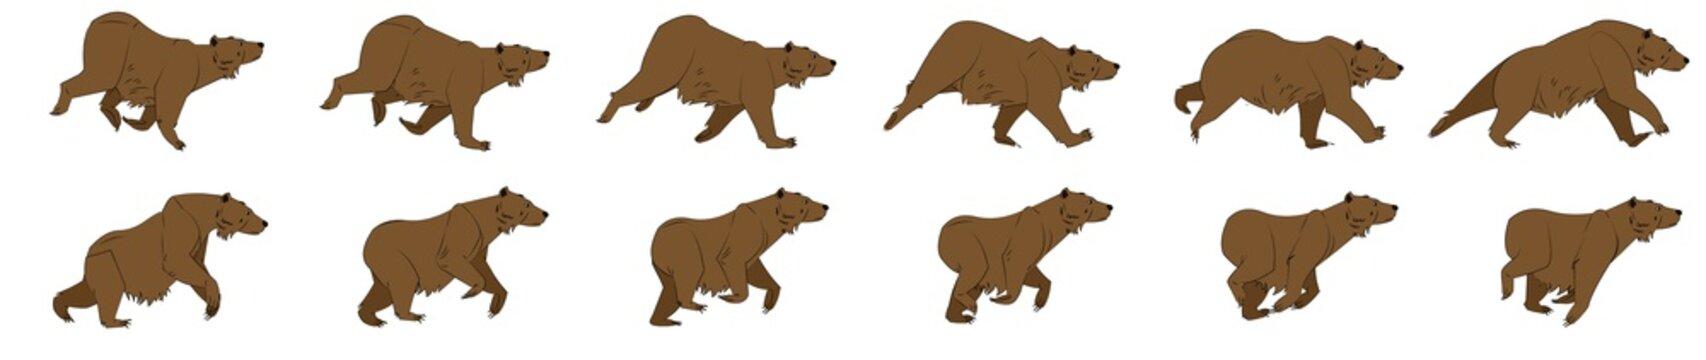 Bear run cycle animation sprites, animation frames